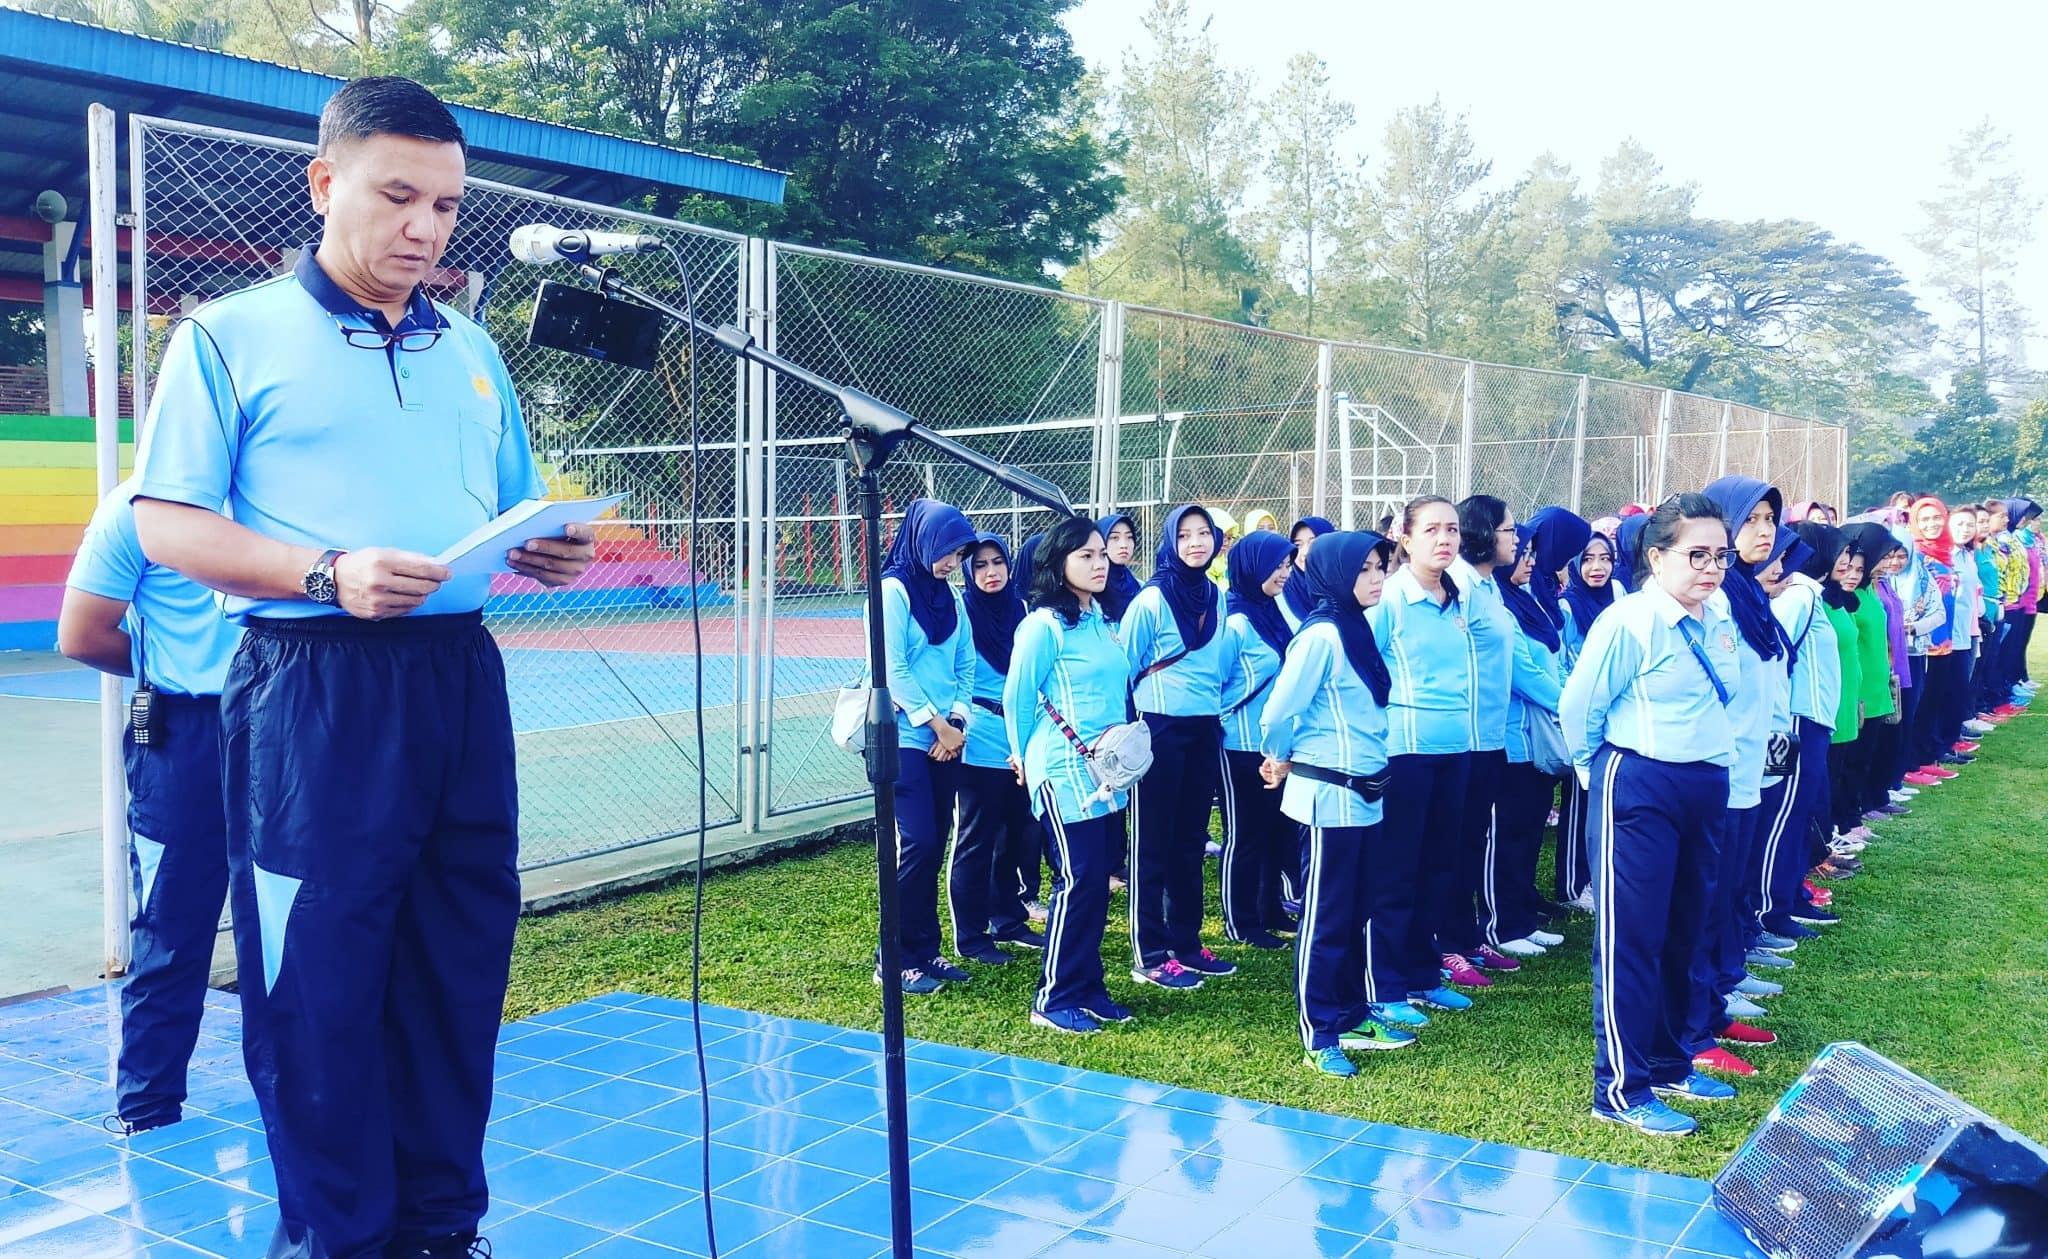 Sambut HUT TNI AU Ke-73, Lanud Abd Saleh Gelar Pekan Olahraga